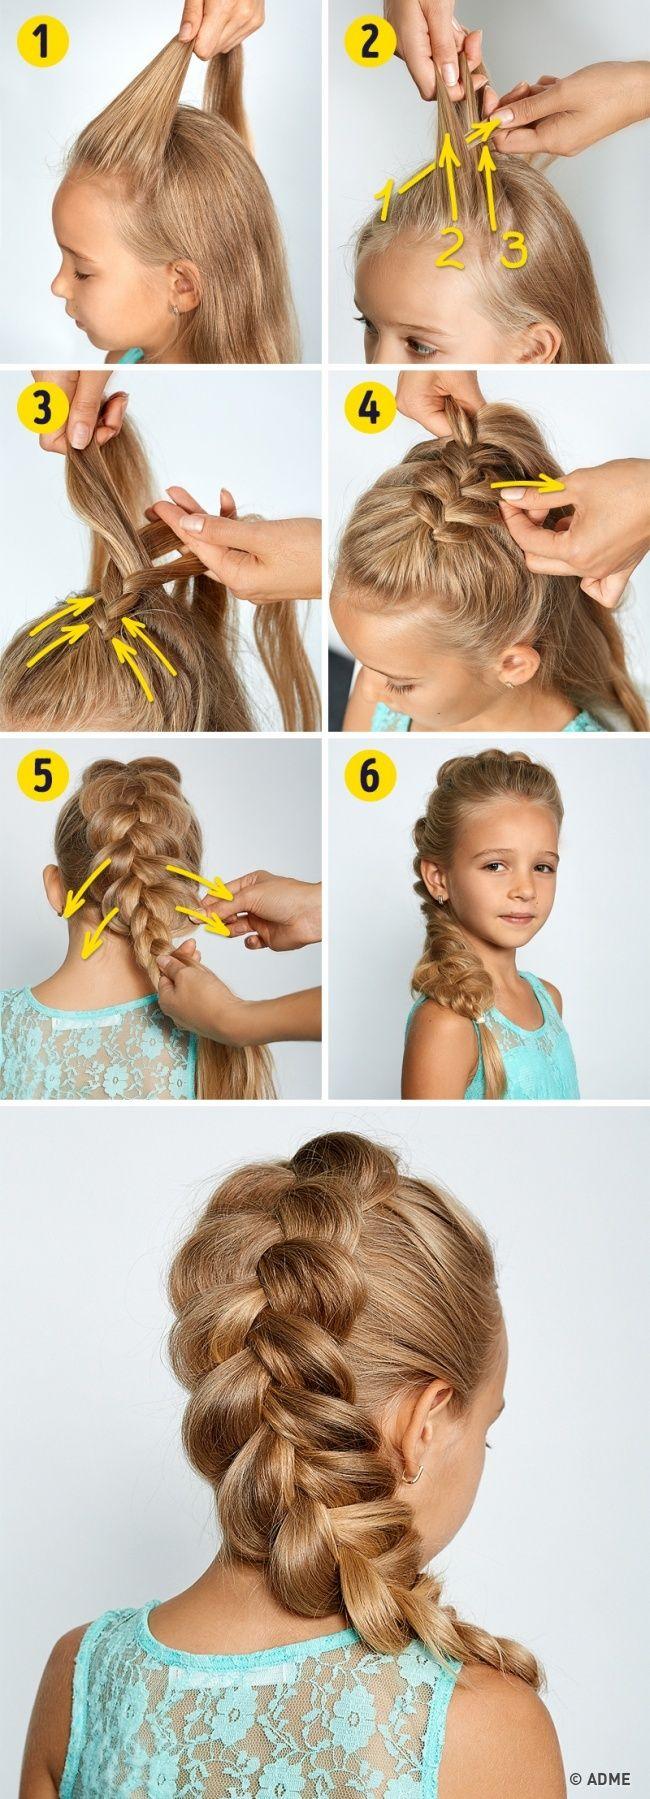 Да, некаждое утро есть время наплетение кос. Нораз-два внеделю можно устроить так, чтобы ваша дочь целый день чувствовала себя настоящей принцессой. Мынашли интересные, стильные иочень милые прически для девочек сдлинными волосами иповторили ихвредакции AdMe.ru. Вовремя съемок концентрация девичьего счастья ввоздухе зашкаливала.